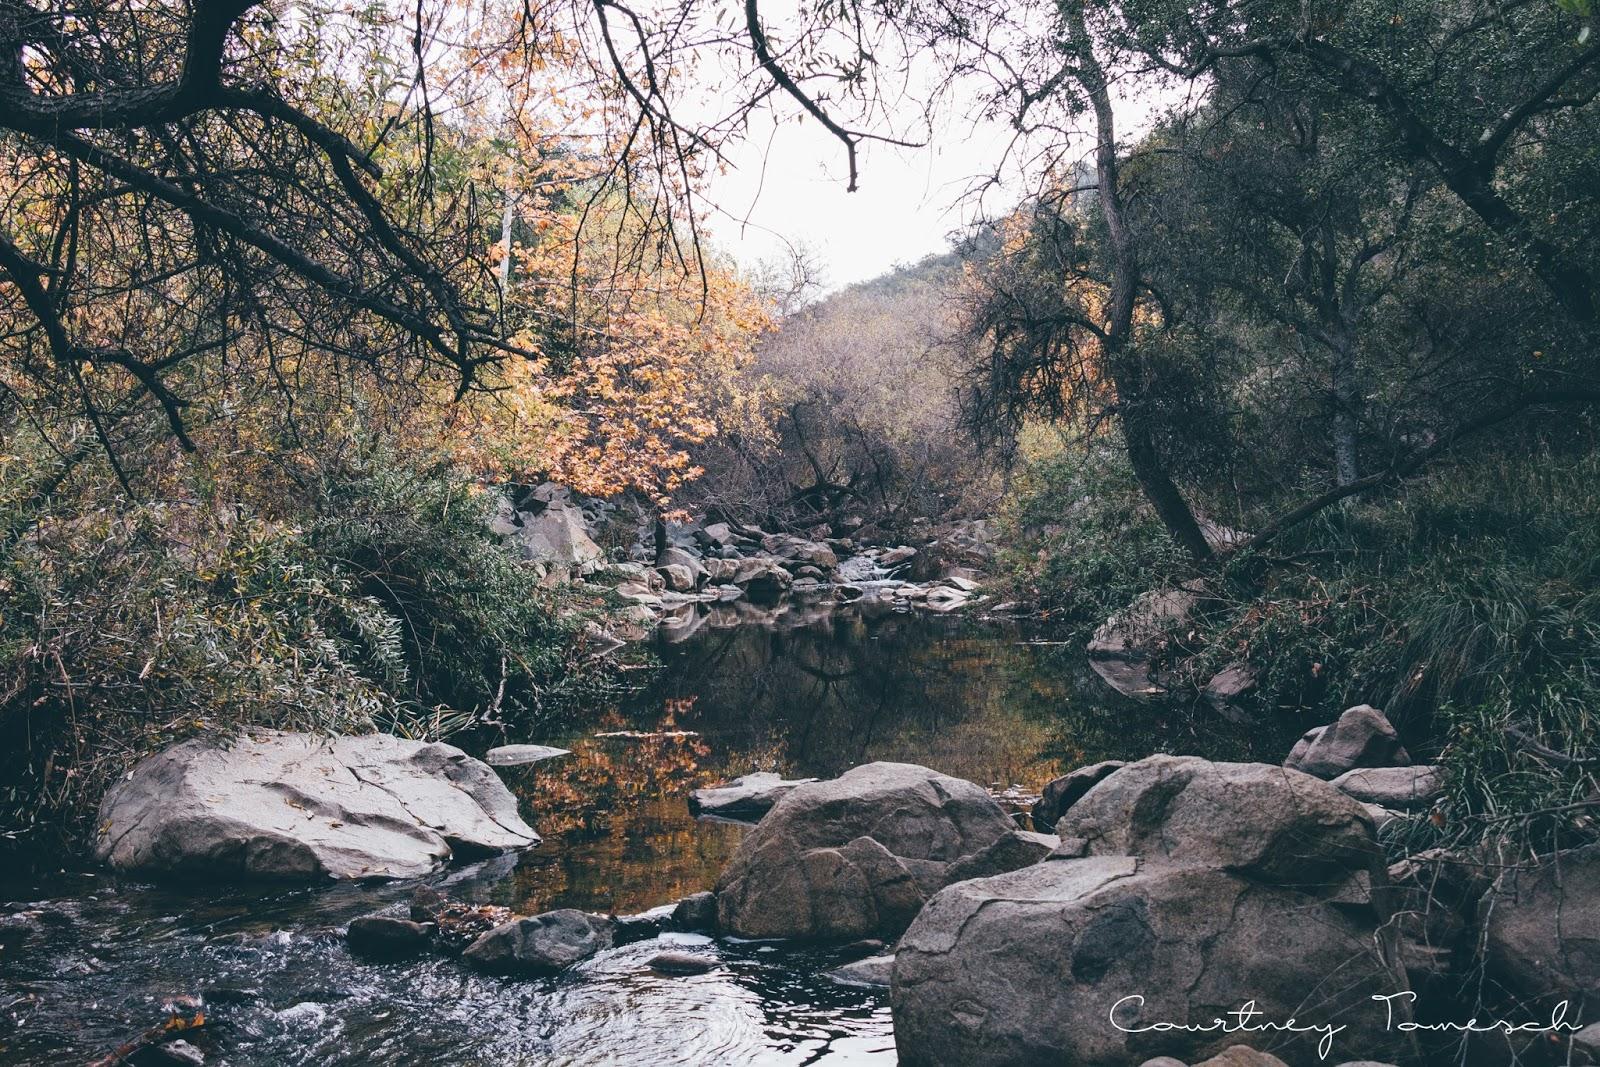 Courtney Tomesch Elfin Forest Escondido California